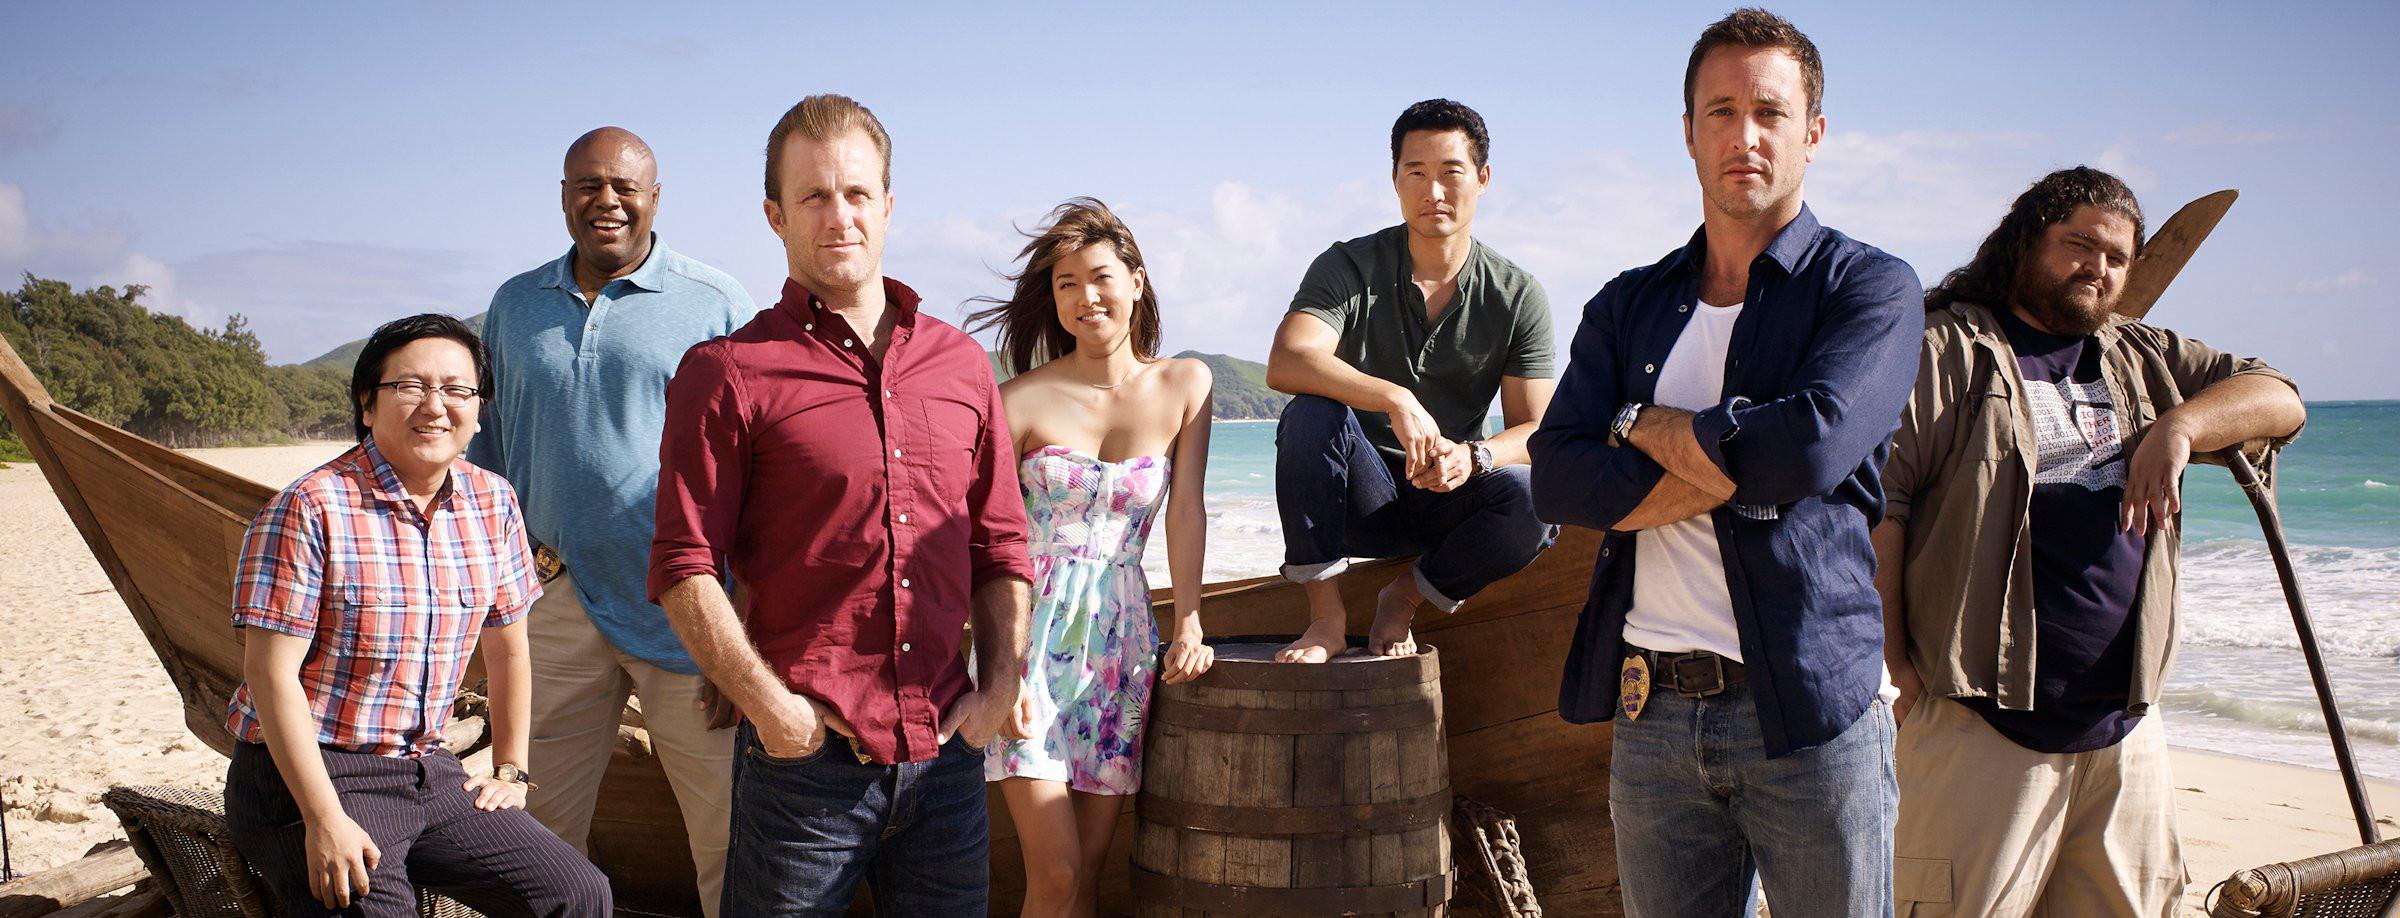 Hawaii 5 O Staffel 7